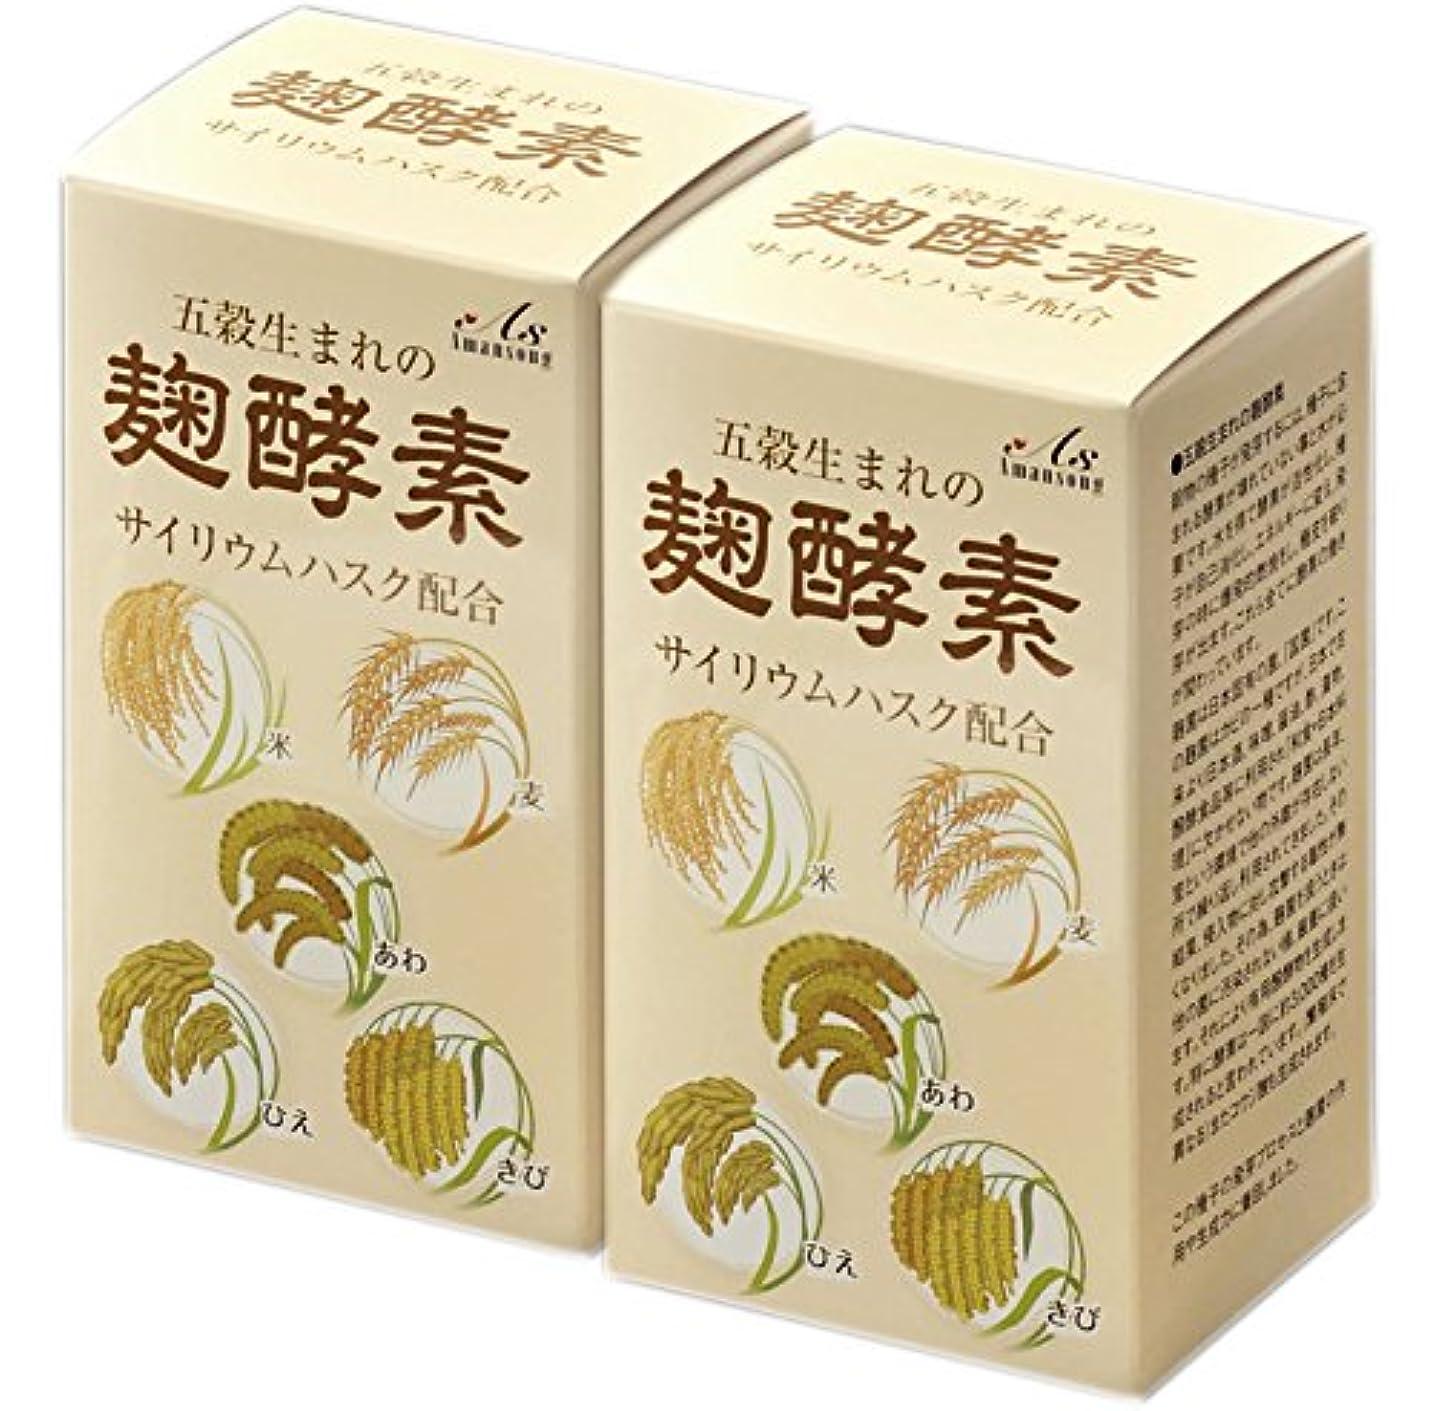 日の出スイプロペラA?S 2箱セット五穀生まれの麹酵素 更に1箱プレゼント、更に「活きてる酵素だし」1袋プレゼント